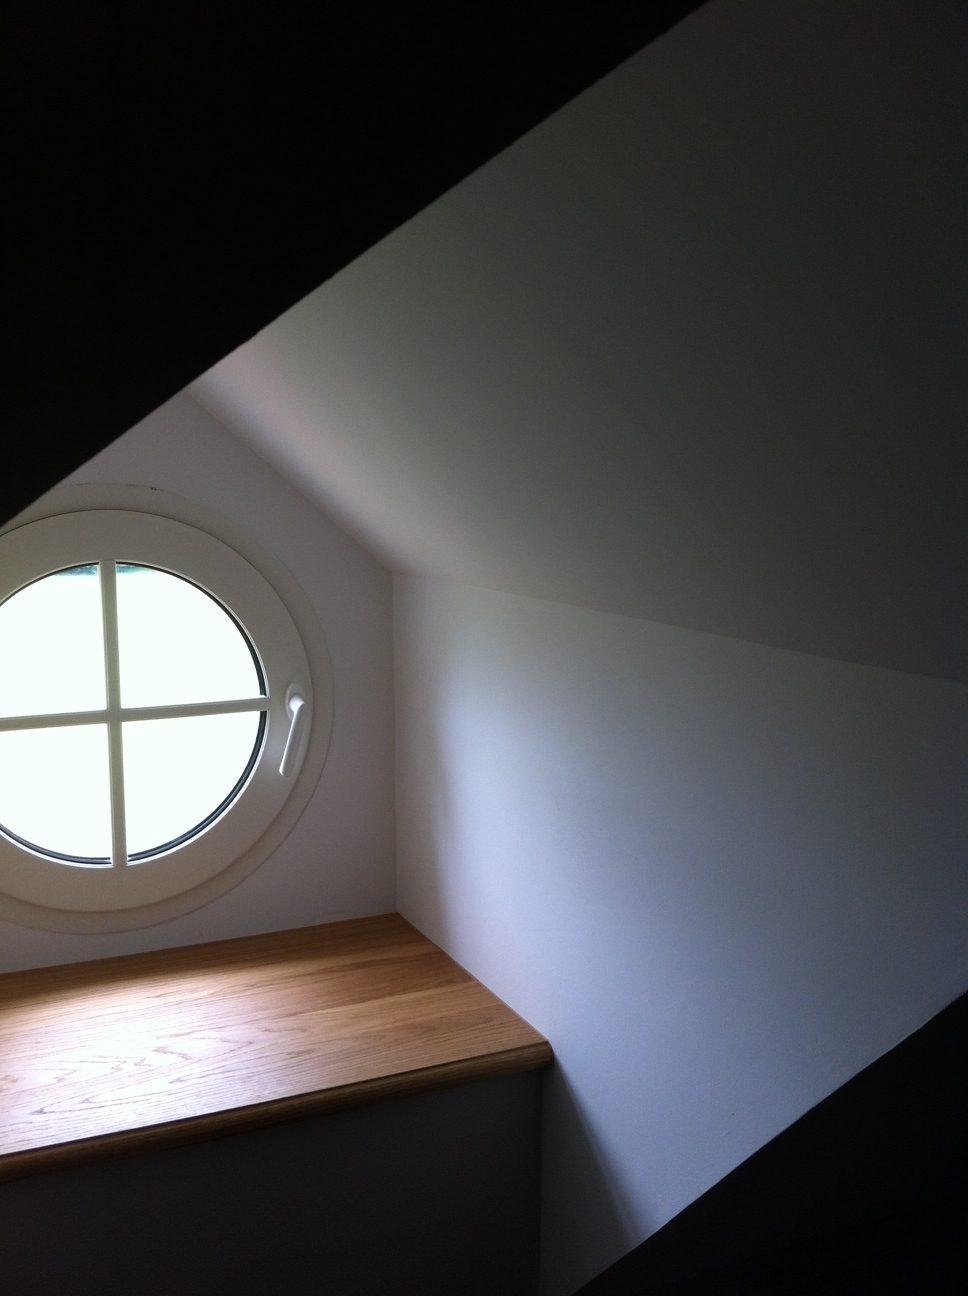 rénovation château 18ème siècle, fenêtres, parquets, isolation, huisseries, mezzanine, escalier sur mesure, chien assis, placo